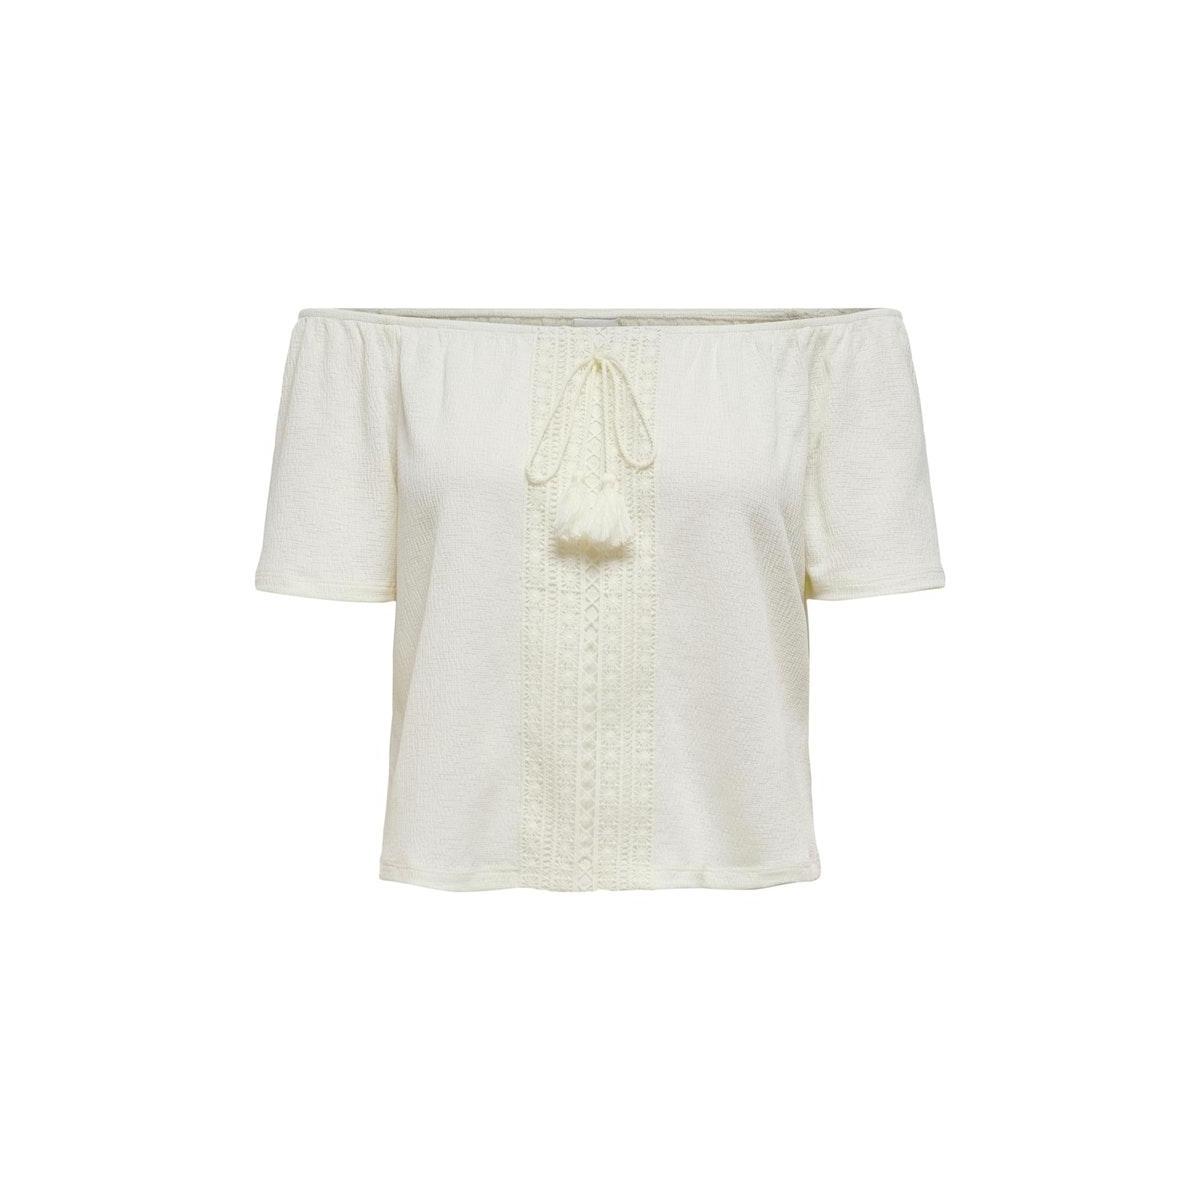 jdyfille off shoulder top jrs 15204539 jacqueline de yong t-shirt cloud dancer/dtm croche